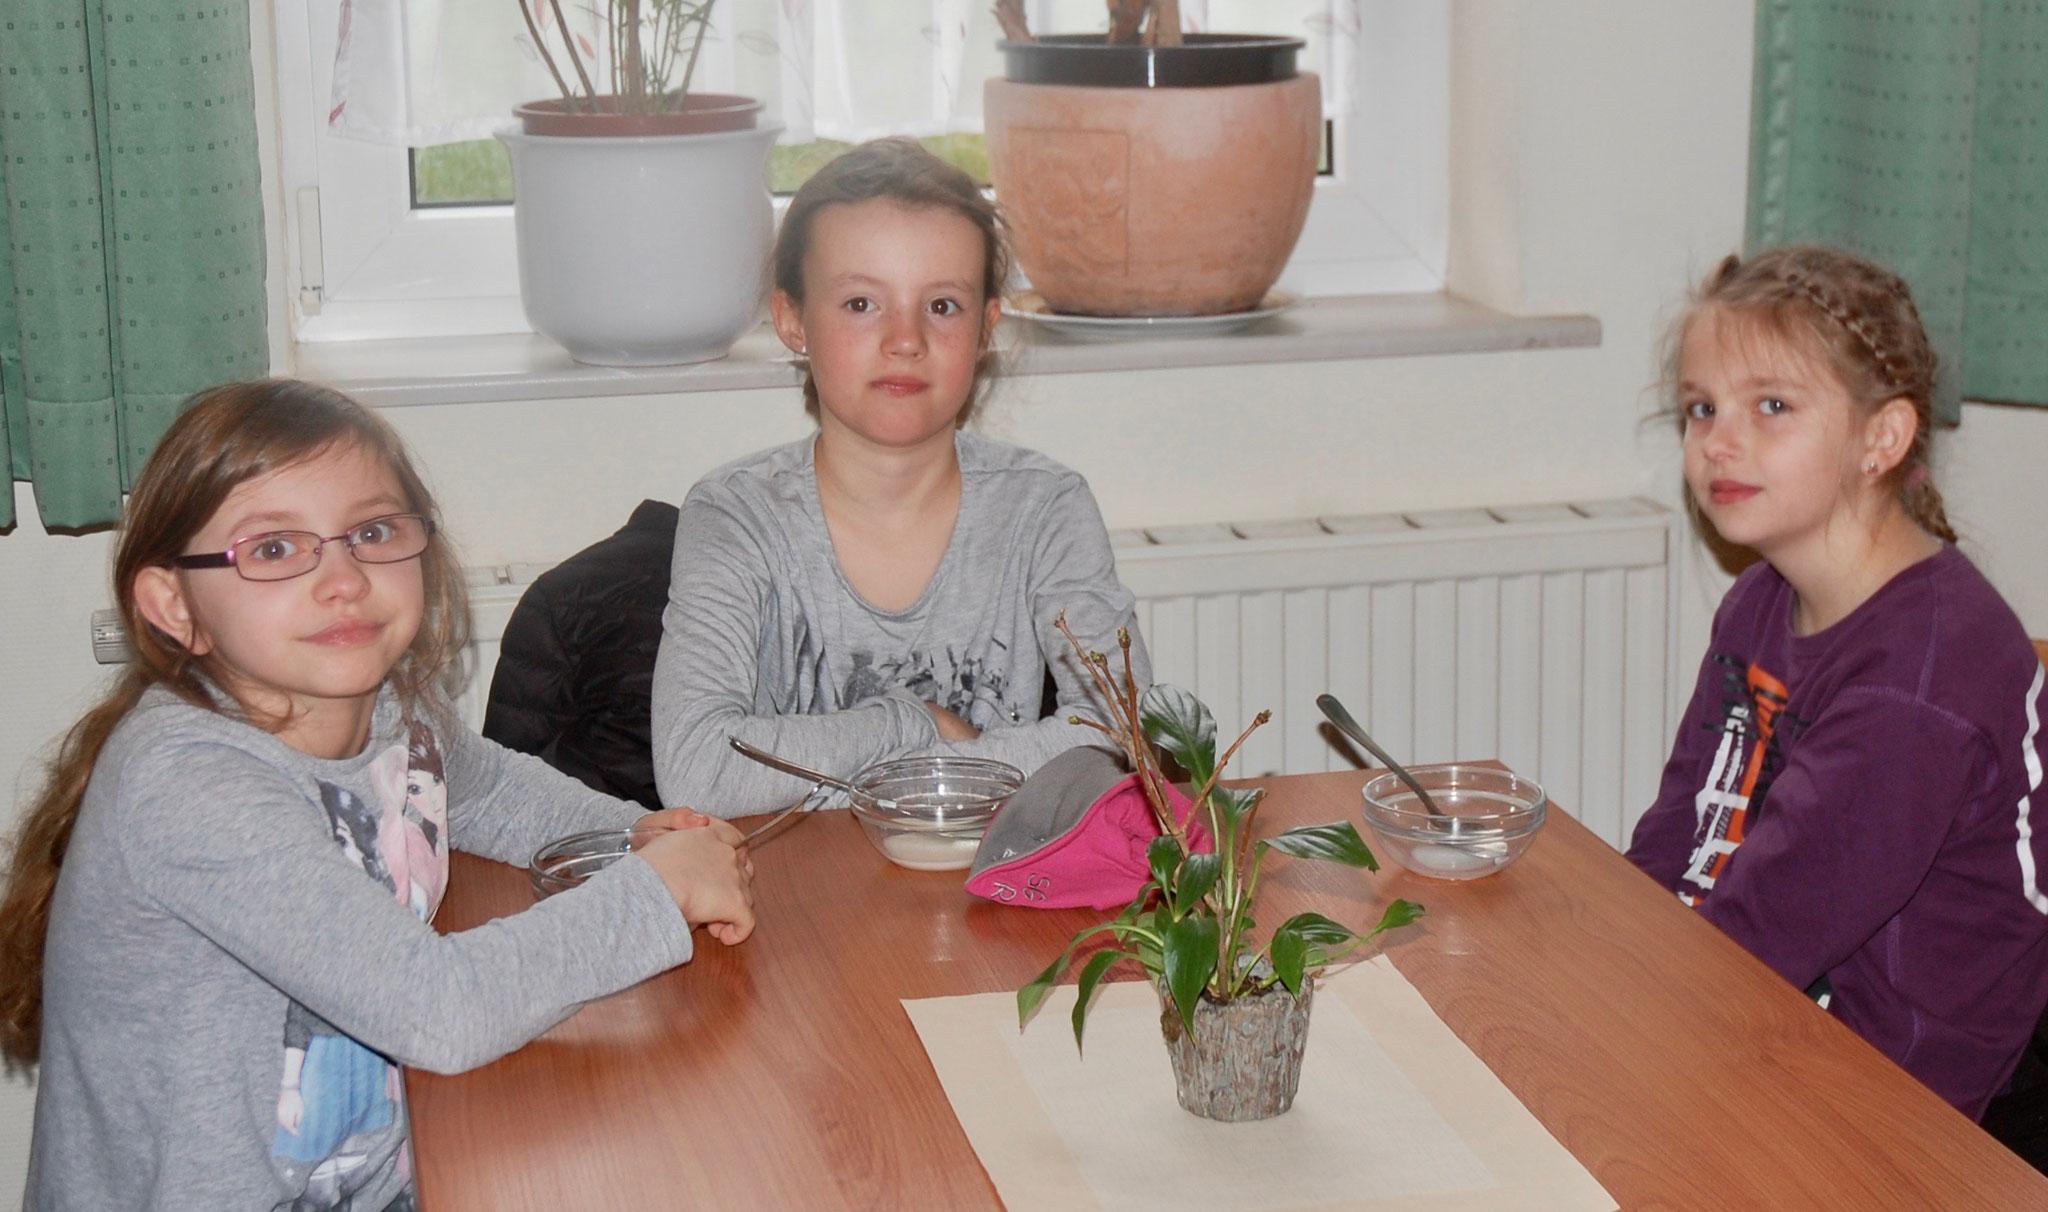 Lea, Nele und Mia